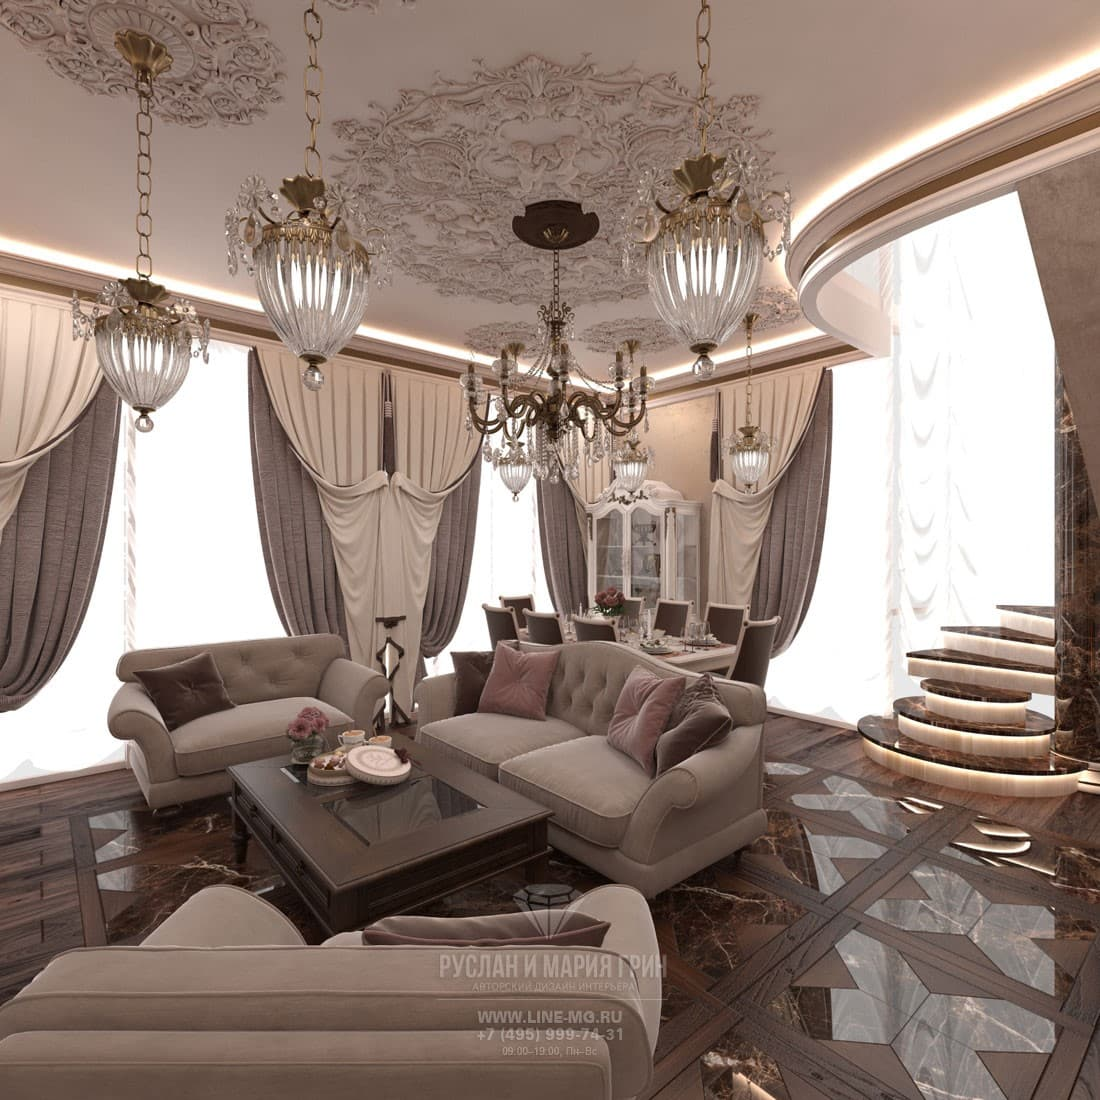 Отделка потолка в гостиной в классическом стиле